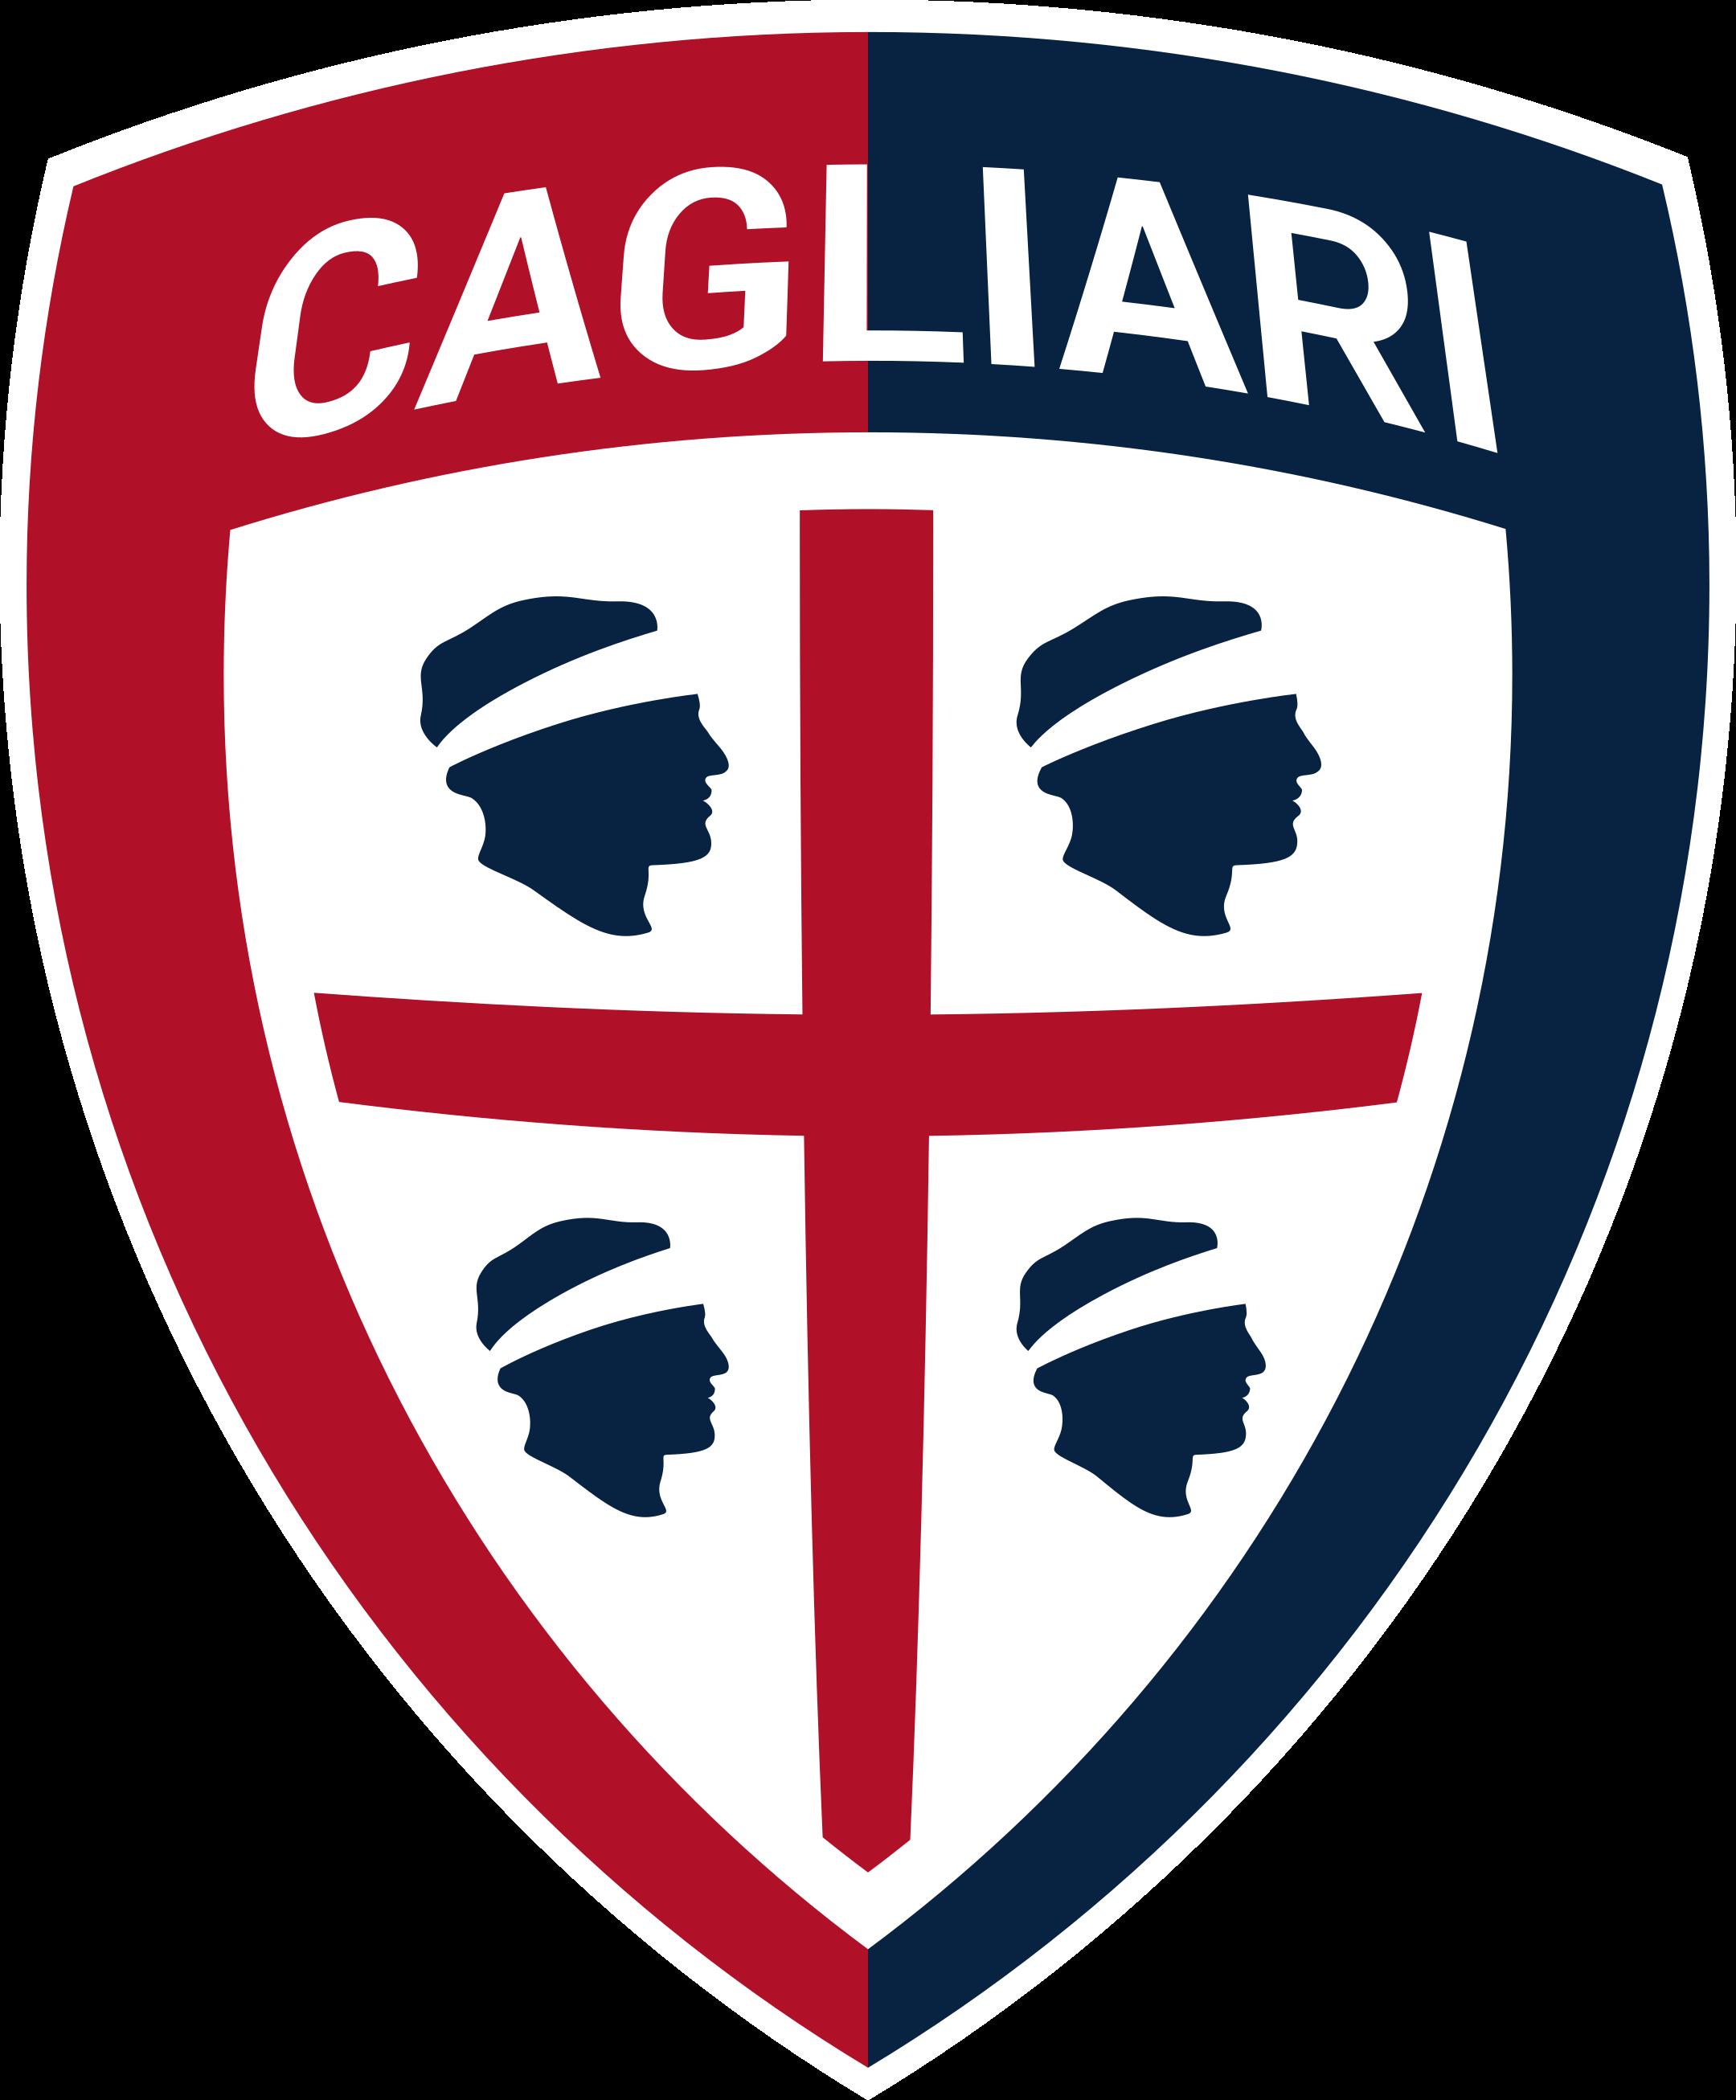 cagliari logo 1 - Cagliari Logo